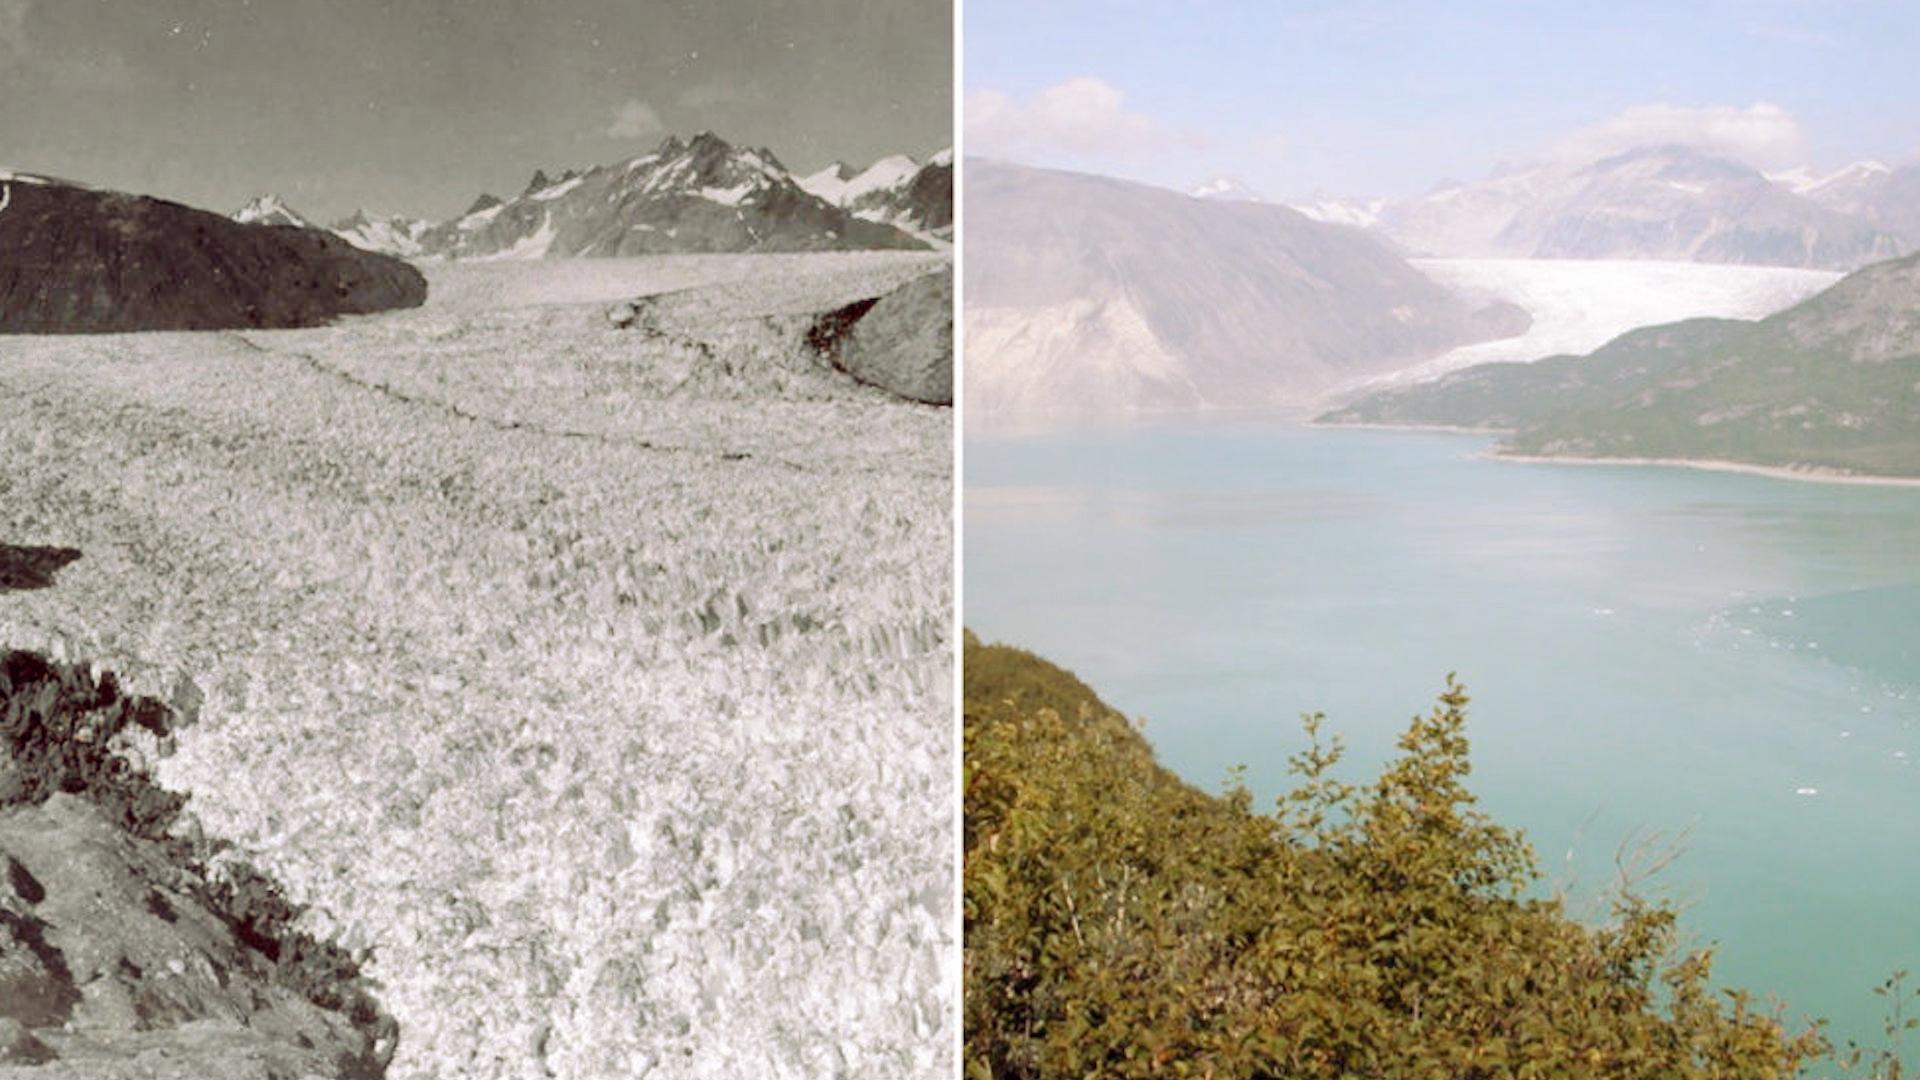 Cambio climático: las imágenes que muestran cómo está el planeta